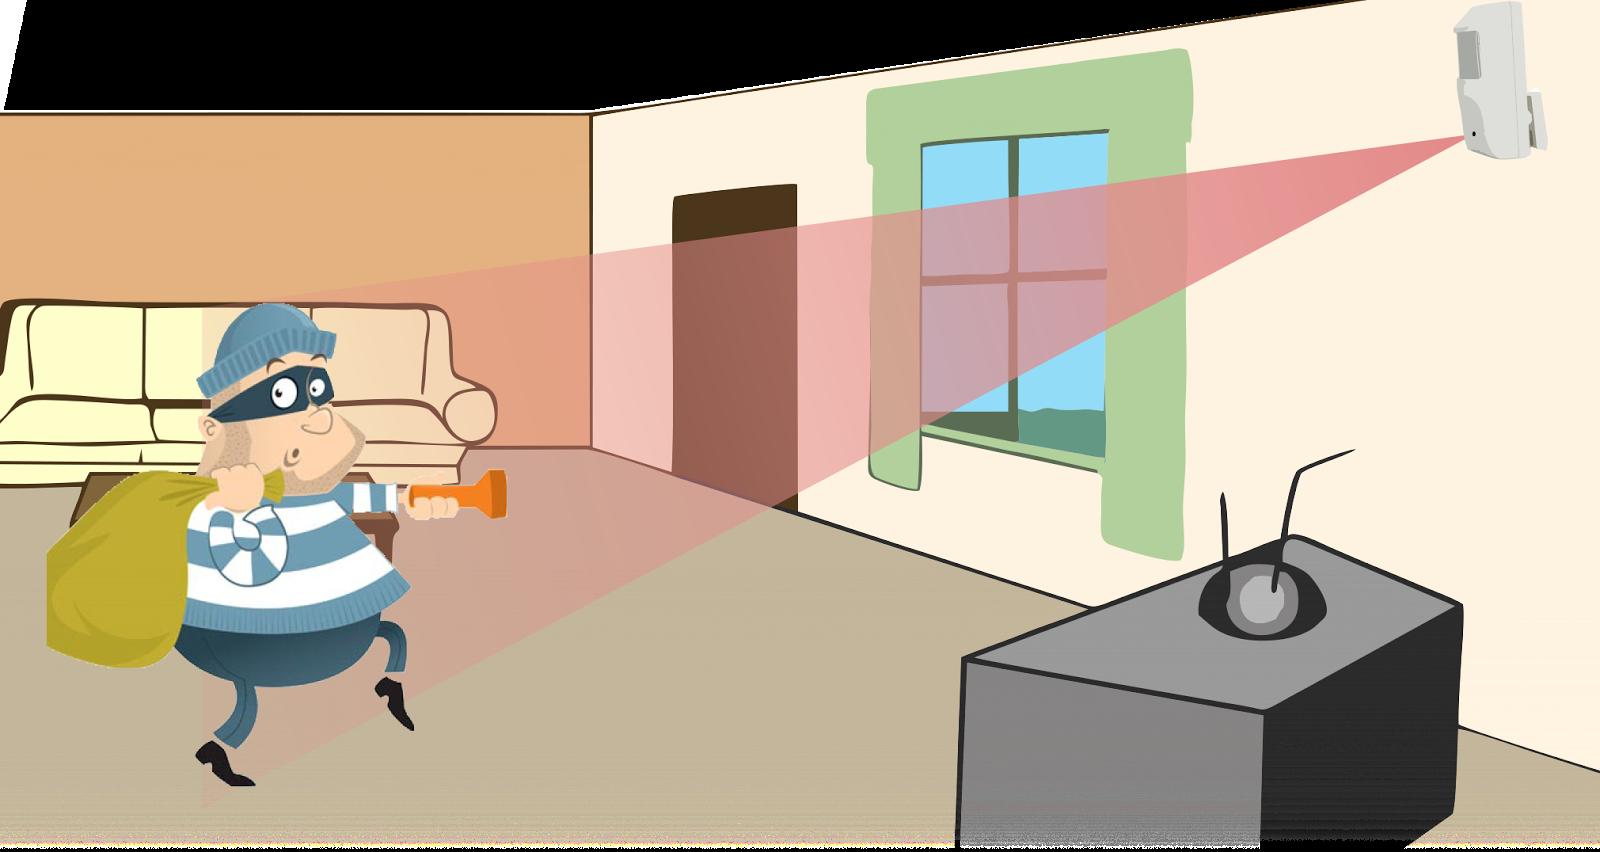 Choose Ip Based Hidden Camera To Improve Your Home Security A Blog Pir Sensor System E69caae591bde5908d 1 28229